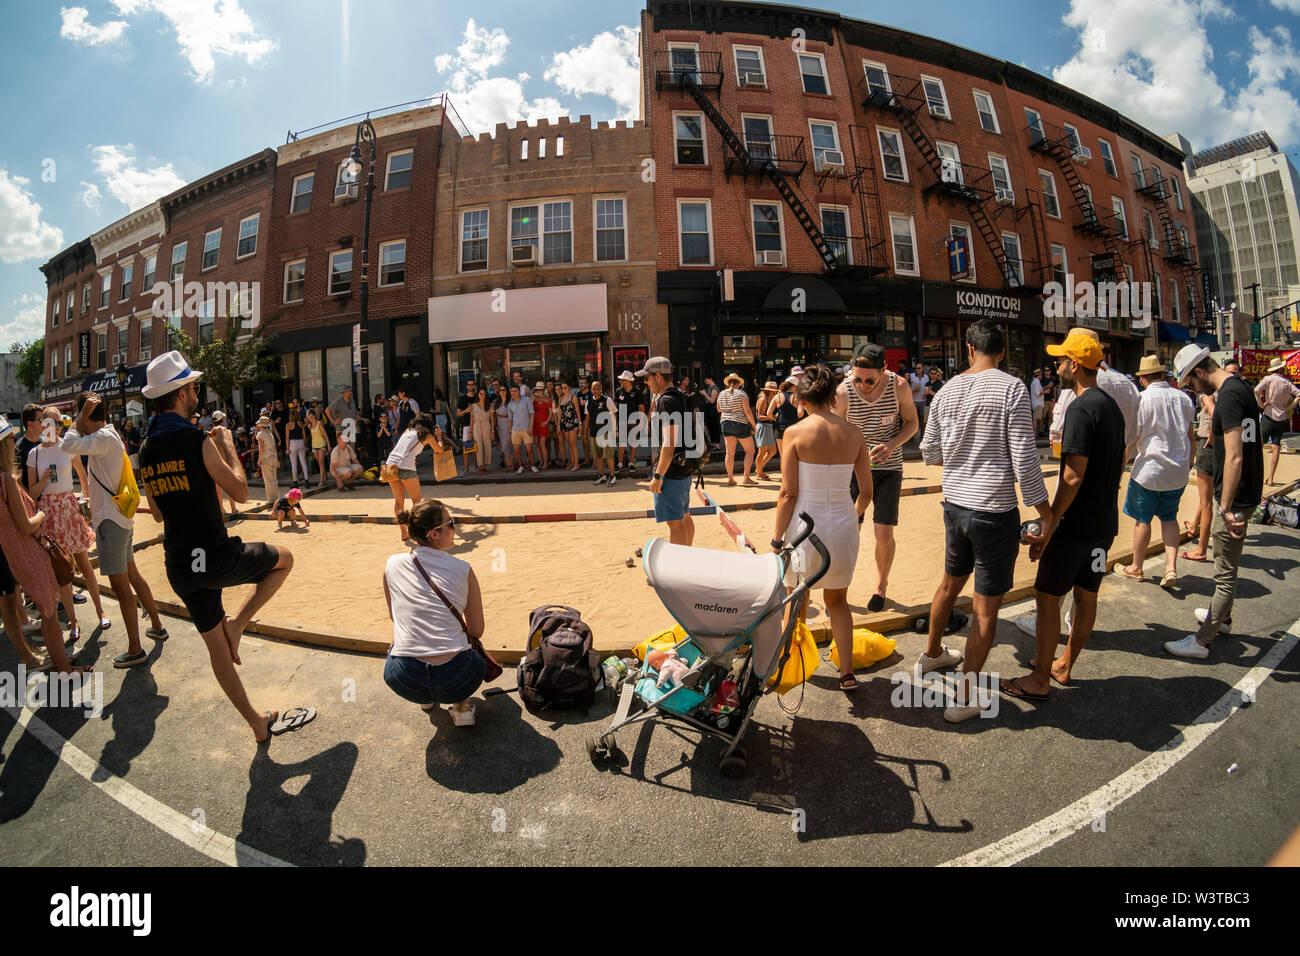 Francés ex-pats, Francophiles y otros Neoyorquinos jugar y ver el torneo de petanca en la calle Smith en Brooklyn en Nueva York la celebración del Día de la bastilla el domingo, 14 de julio de 2019. (© Richard B. Levine) Imagen De Stock